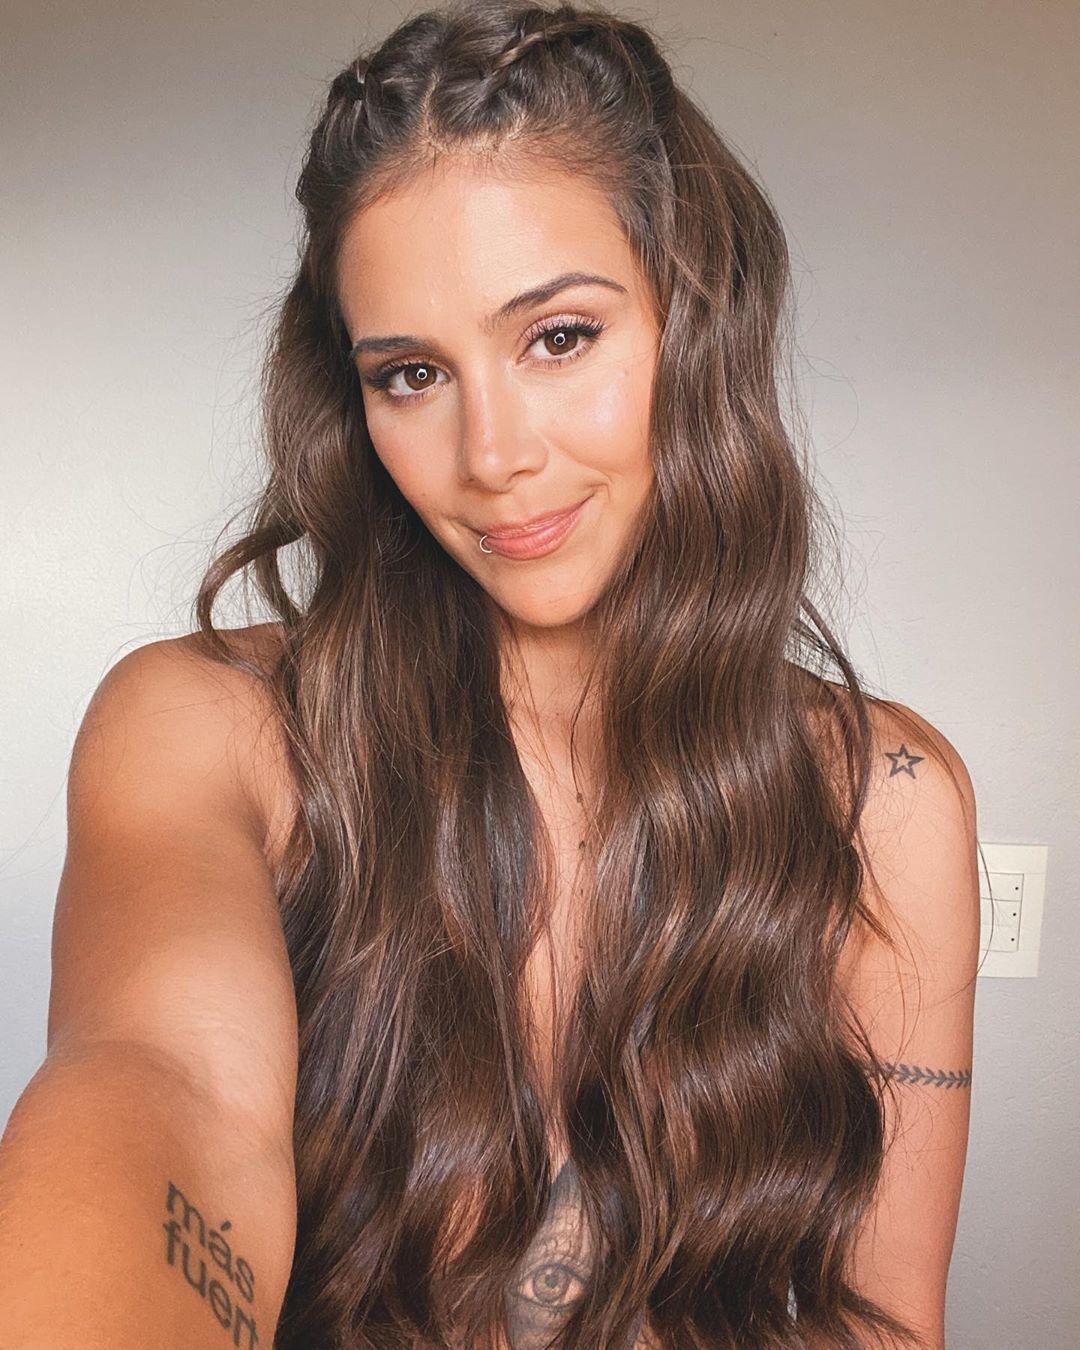 Súper fácil fotos peinados Imagen de cortes de pelo consejos - Peinados de famosas que puedes recrear en menos de 5 minutos